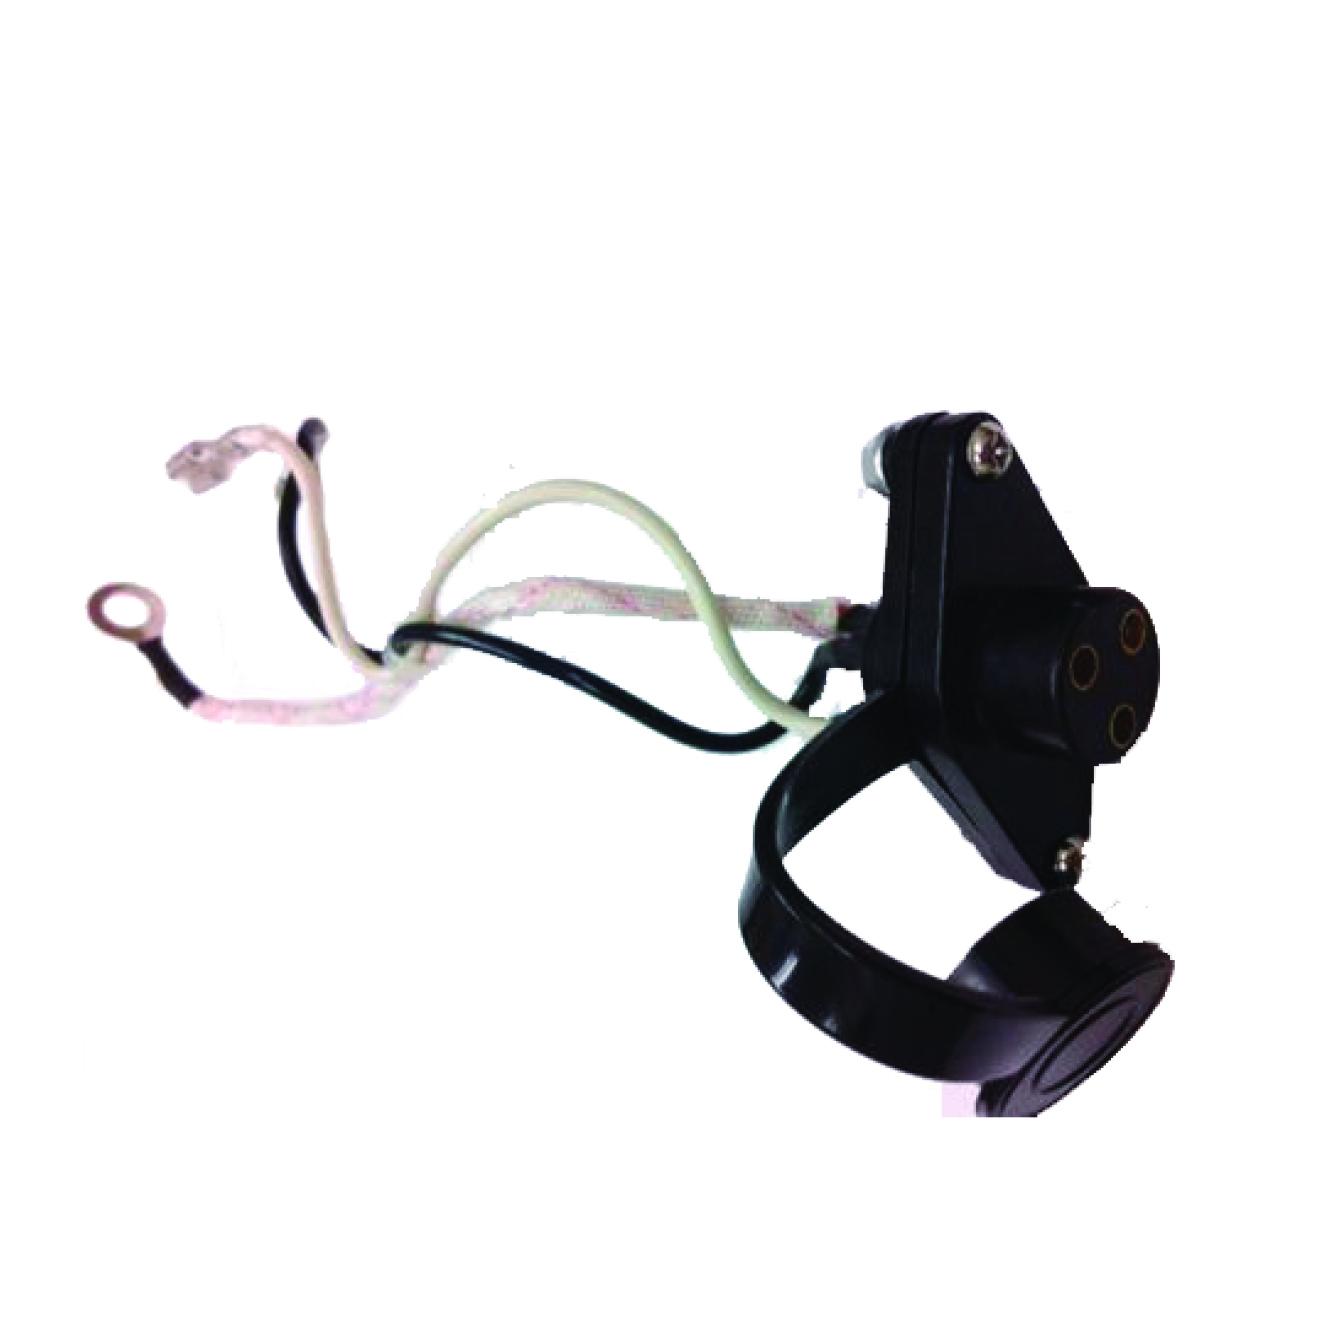 Superwinch Tiger Shark socket 90-24573